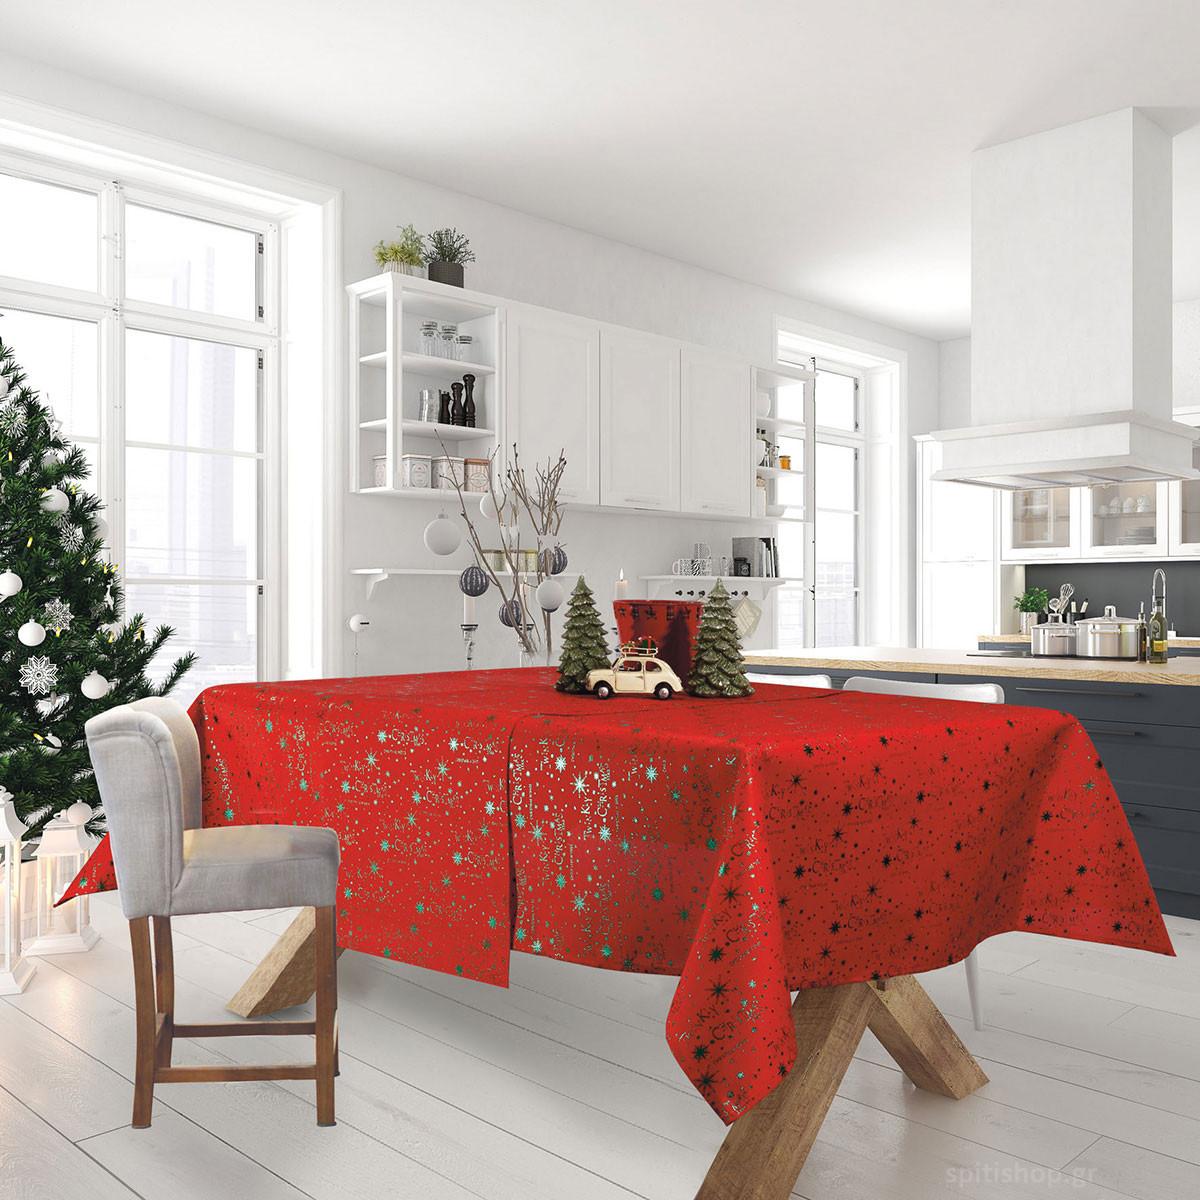 Χριστουγεννιάτικο Τραπεζομάντηλο (140×180) Das Home Xmas 574